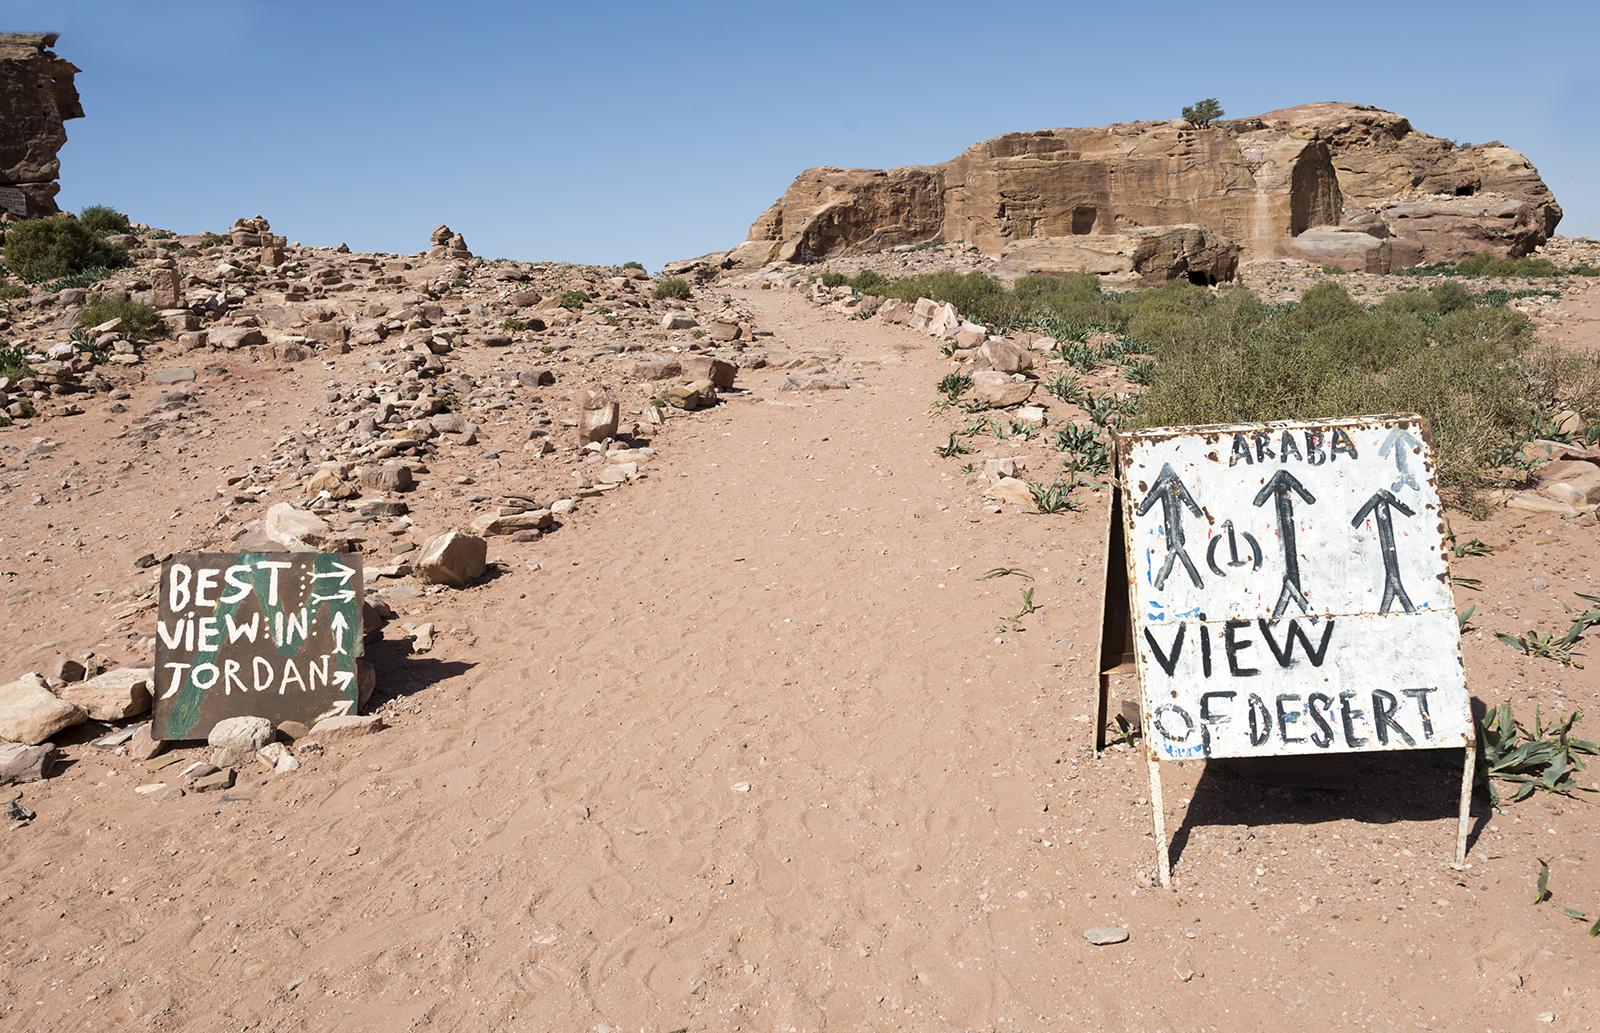 Nejkrásnější výhled na jordánskou poušť